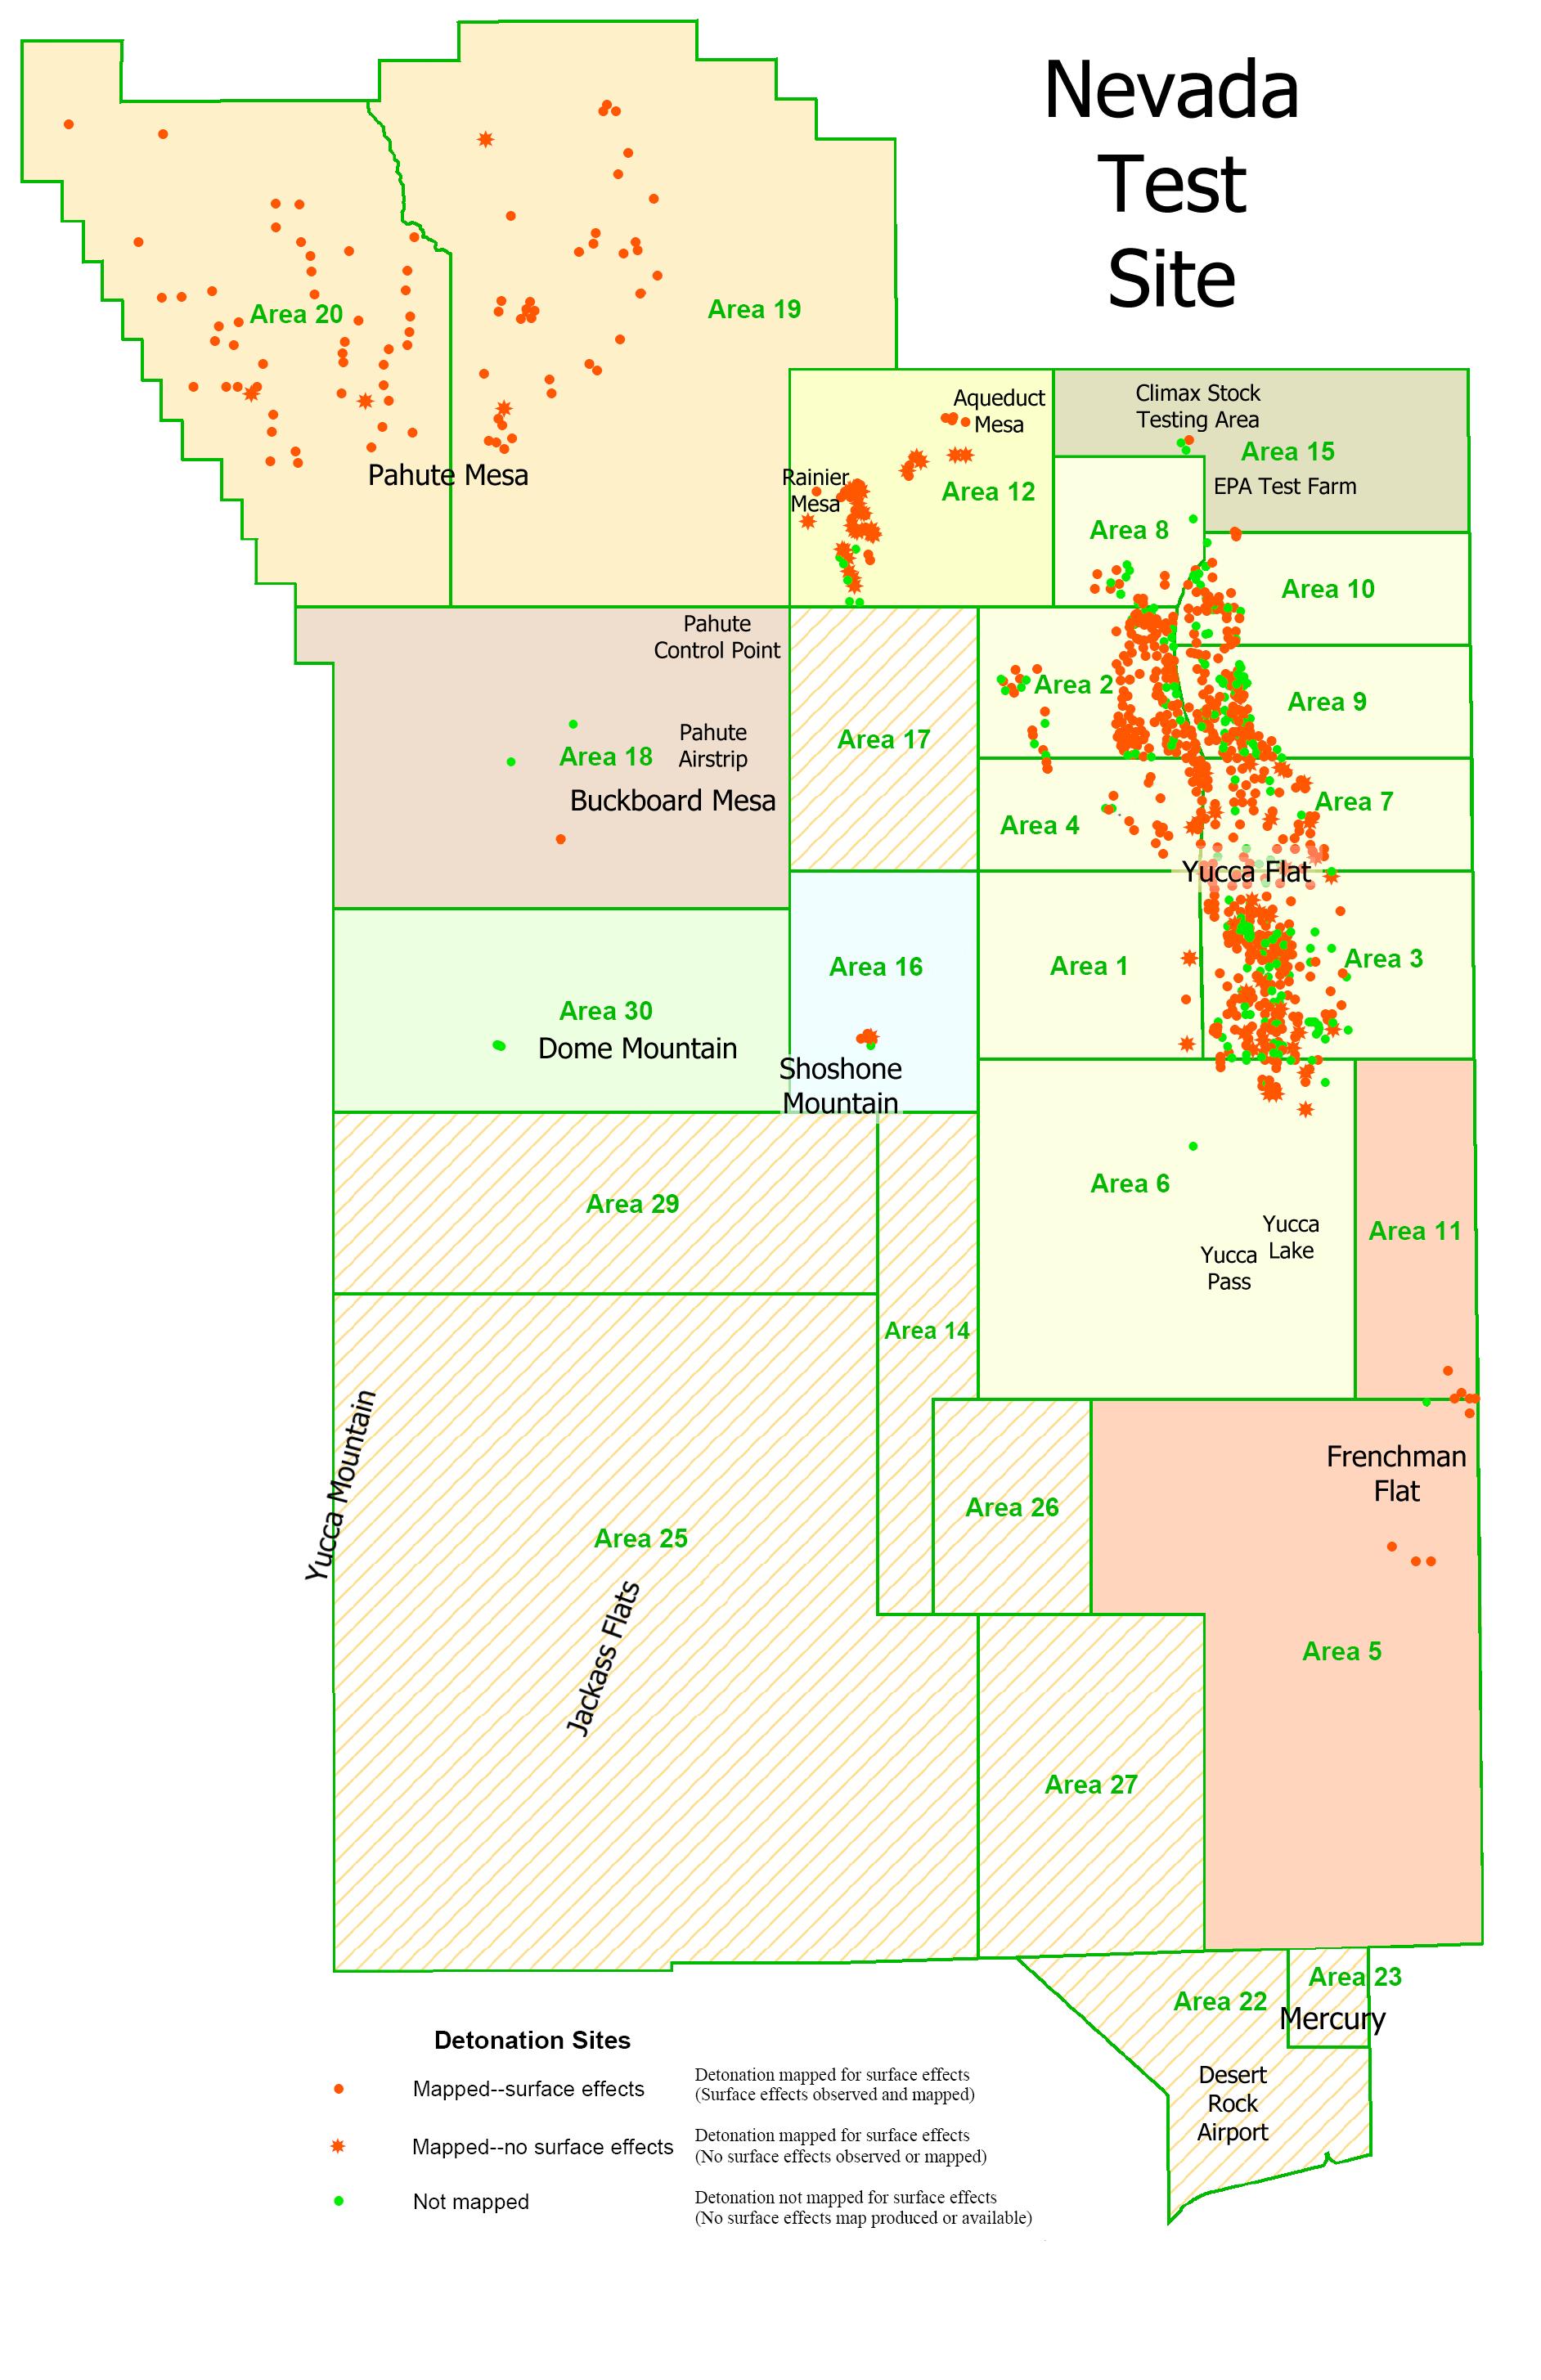 Mapa da NTS